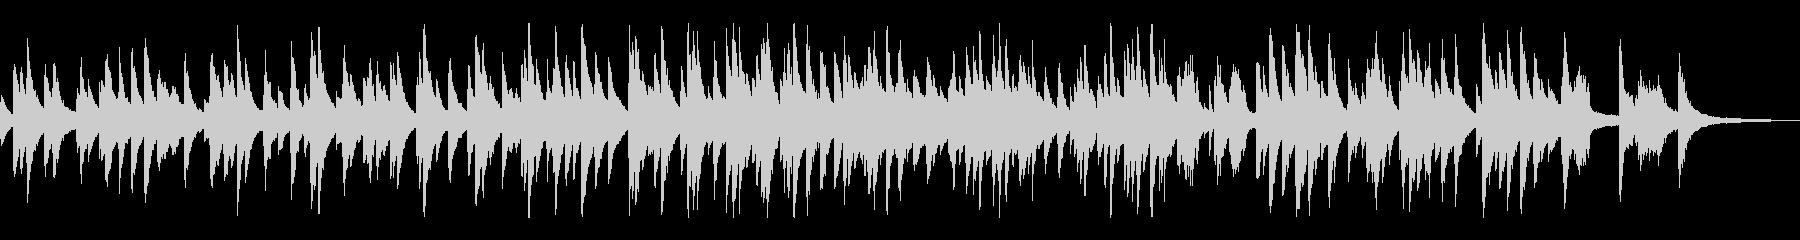 スローテンポのジャズ風ラウンジピアノソロの未再生の波形